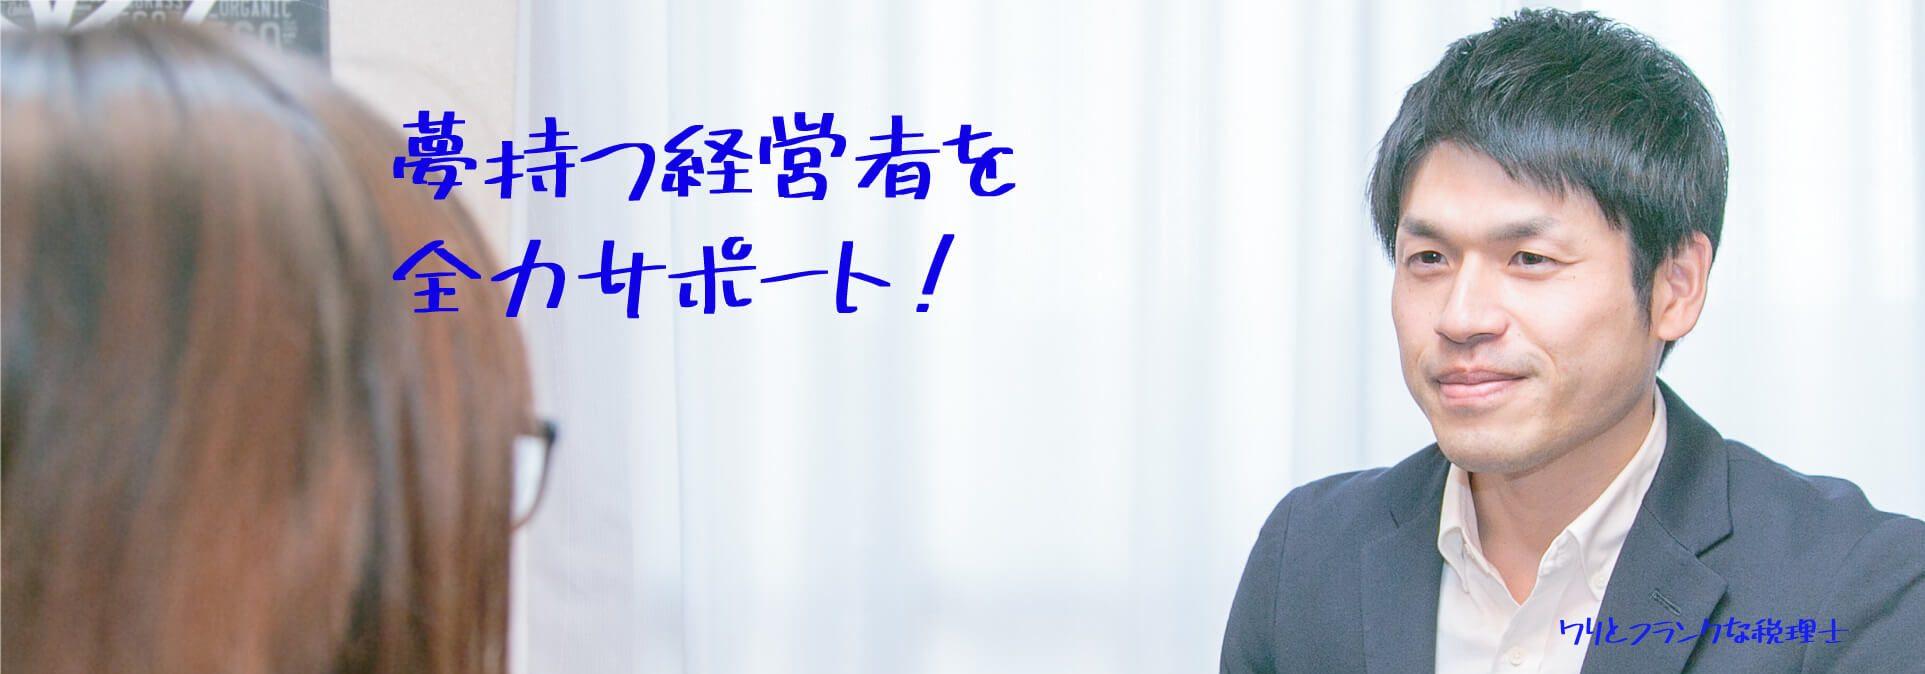 ワリとフランクな税理士 涌井大輔-群馬県太田市 融資に強い!